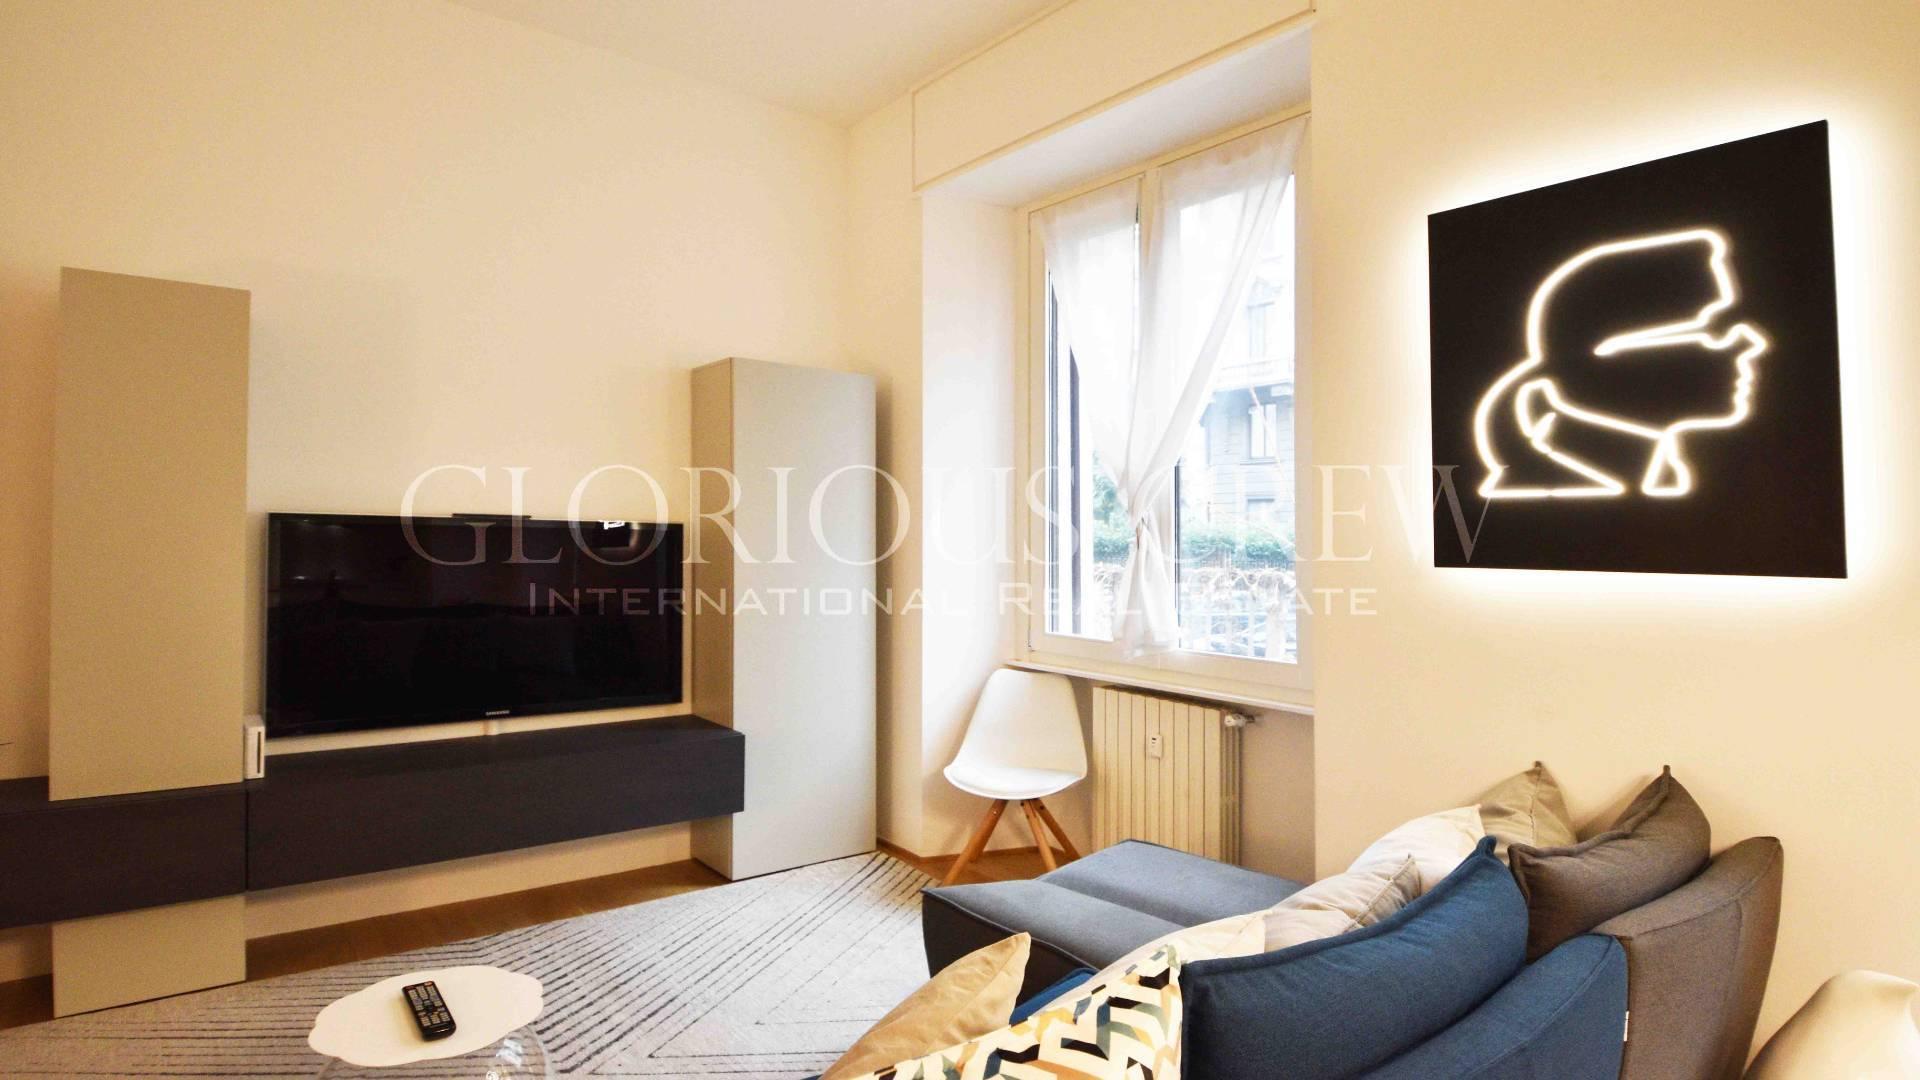 Appartamento in Vendita a Milano: 2 locali, 85 mq - Foto 3